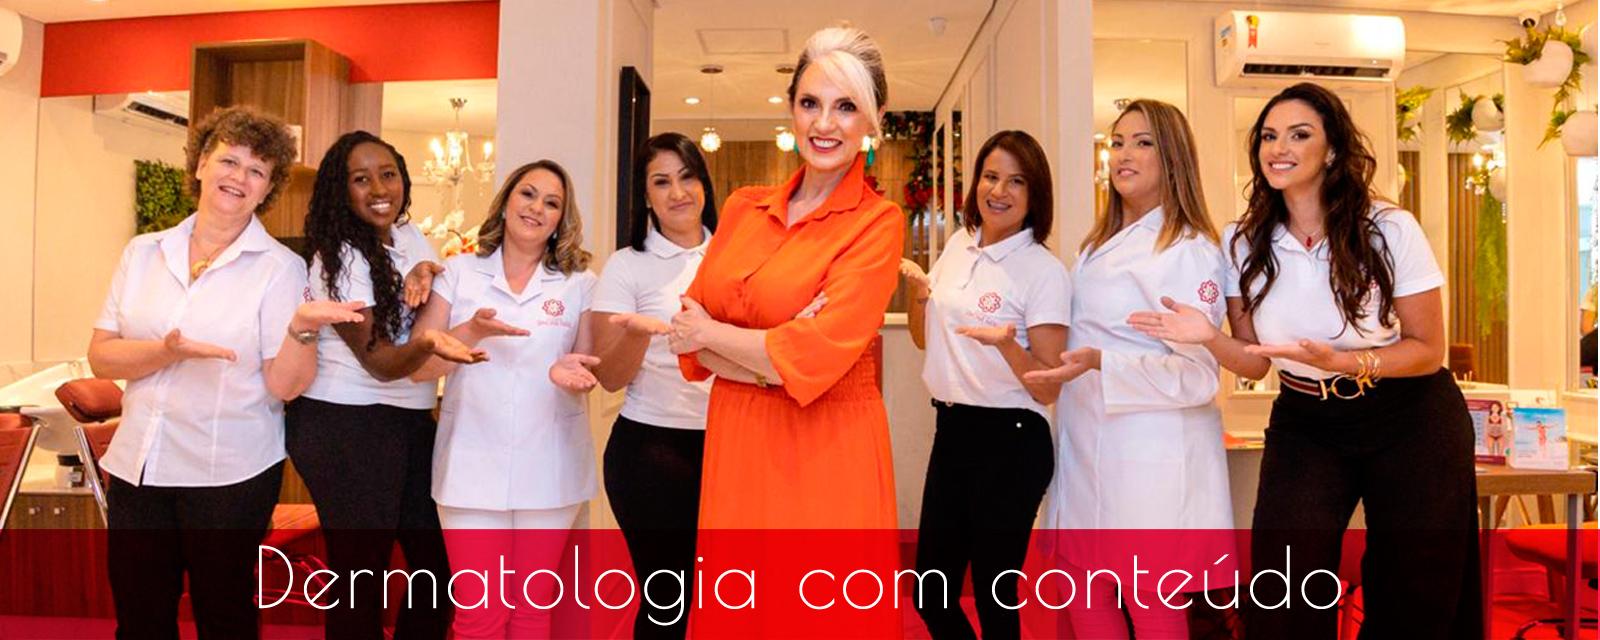 Dermatologia com conteúdo